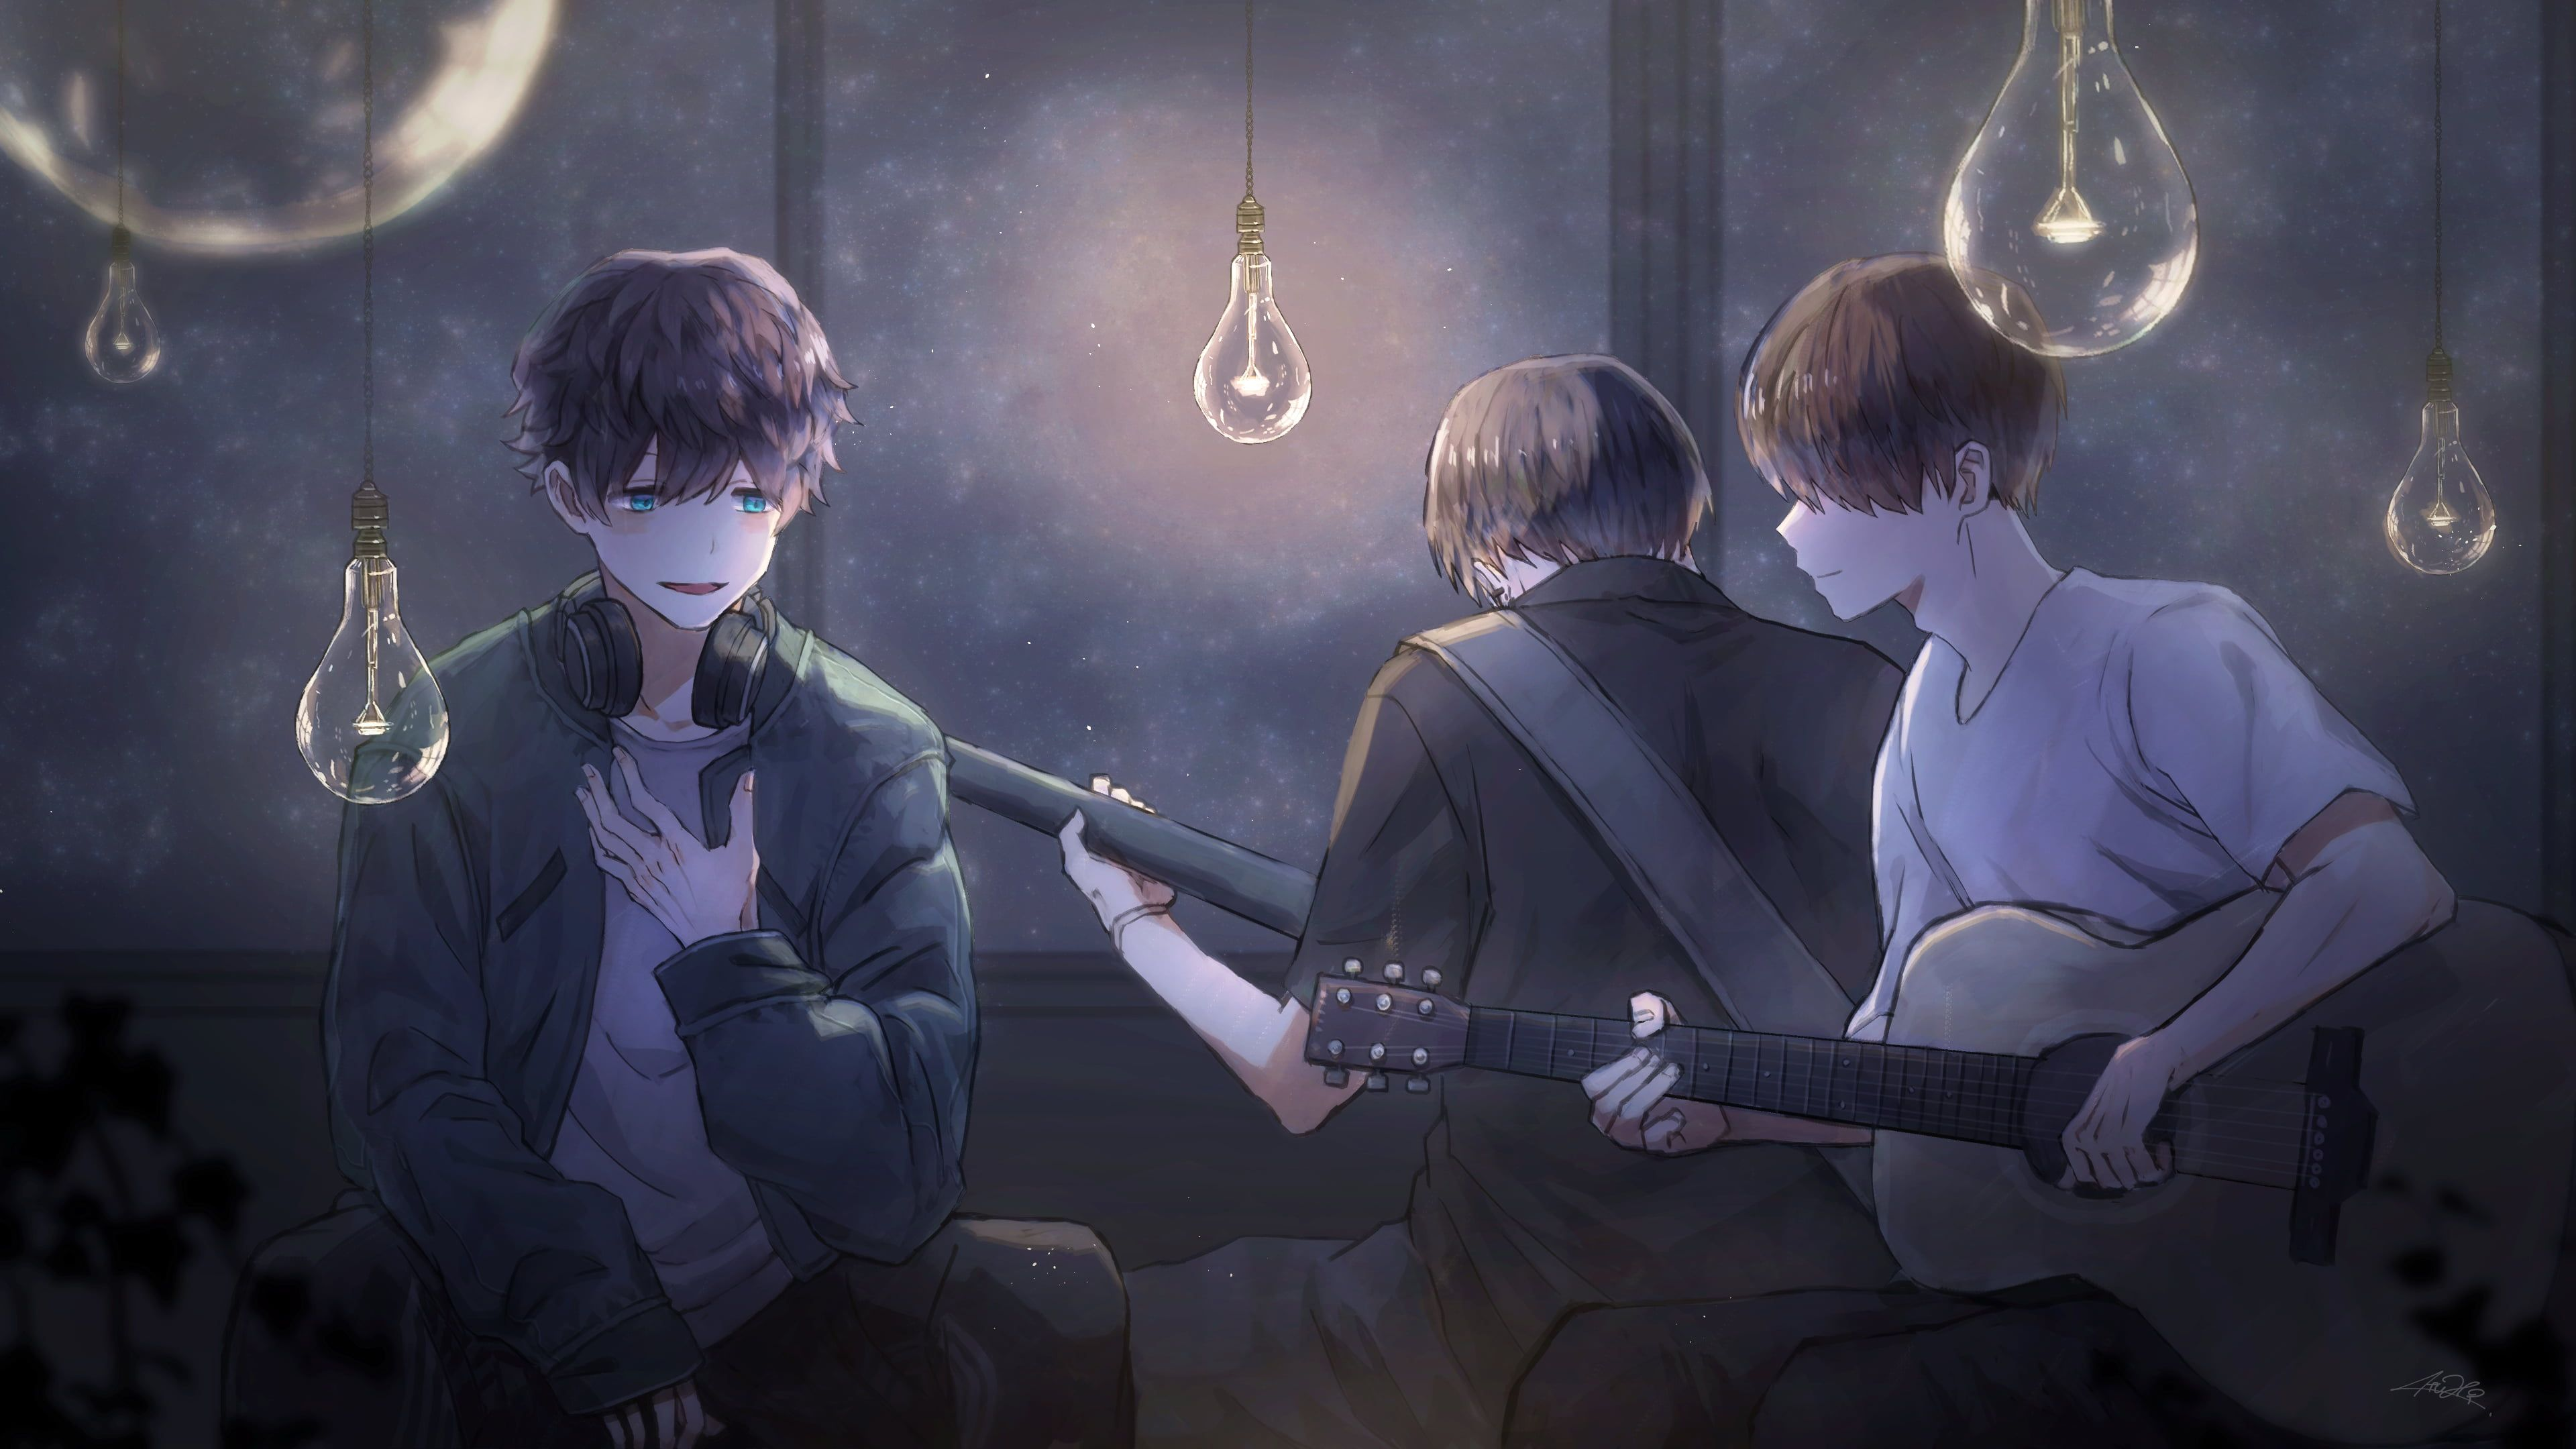 Anime Anime Boys Headphones Guitar 4k Wallpaper Hdwallpaper Desktop Anime Anime Boy Anime Wallpaper Anime boy with guitar wallpaper